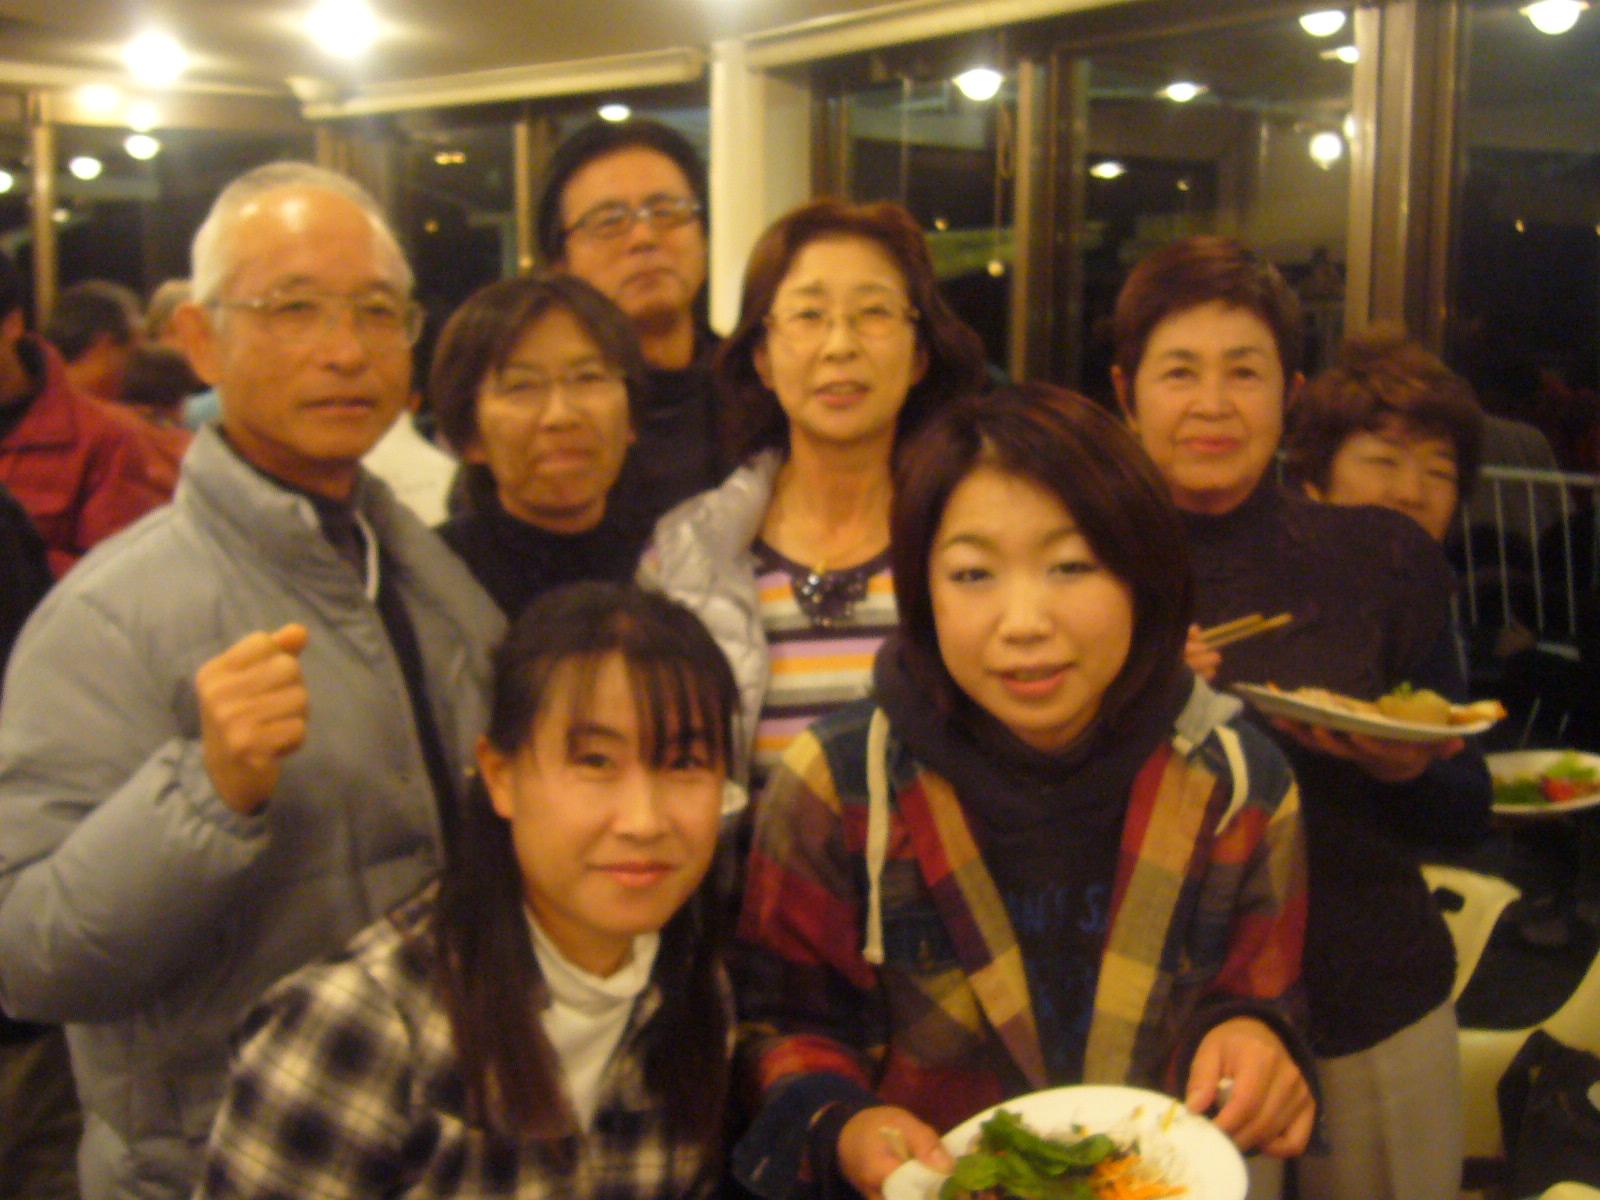 2010年 サンテニスクリスマスパーティー&団体戦_a0119344_9374780.jpg